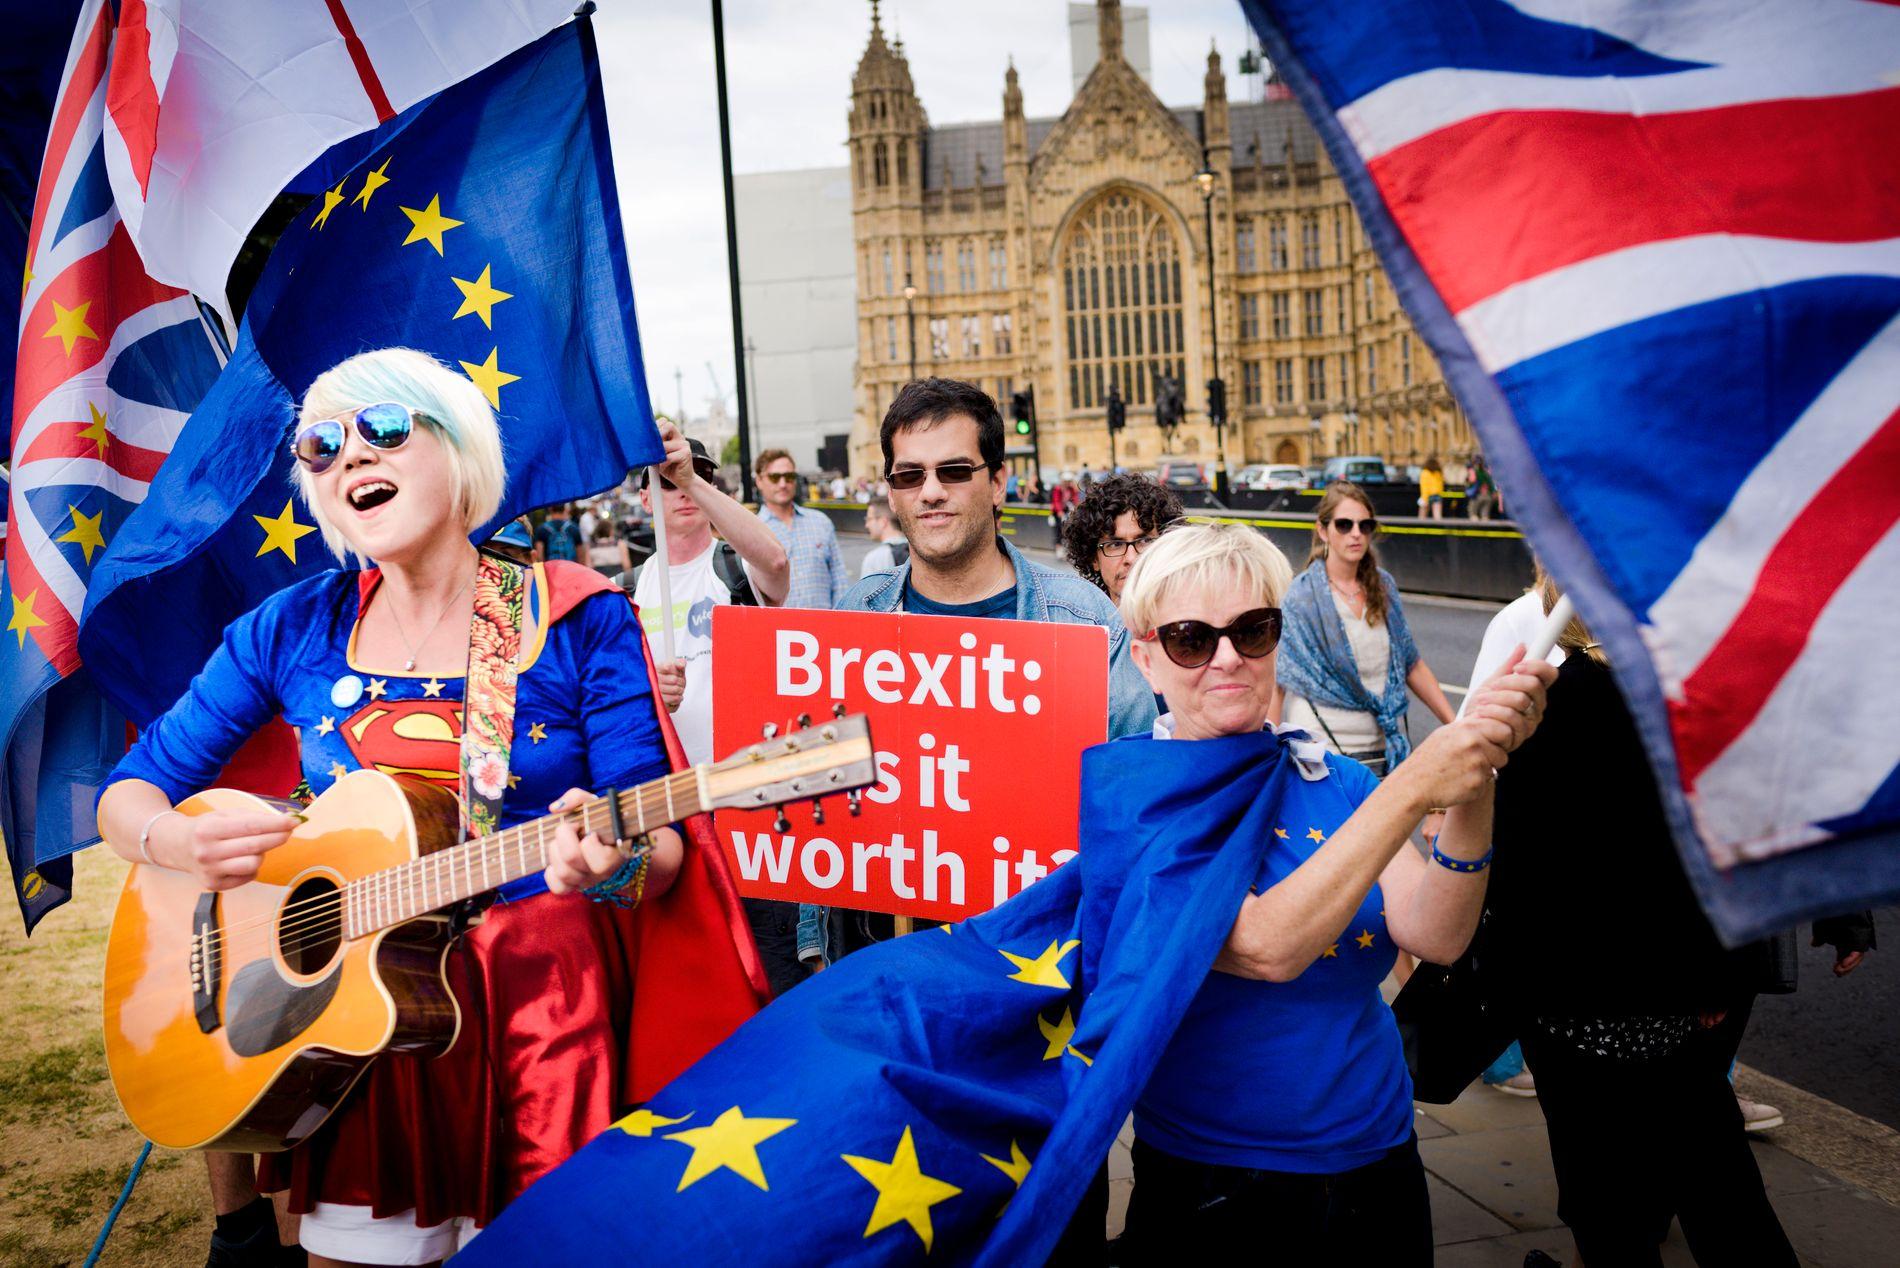 SYNGER UT MOT BREXIT: «Theresa May, you ain't got no plan». Artisten Madelina Kay synger ut mot Brexit med Westminster i bakgrunnen. Selim Alpuvan og Anne Juliff (t.h) frykter nå konsekvensene av et potensielt fullt brudd med EU.